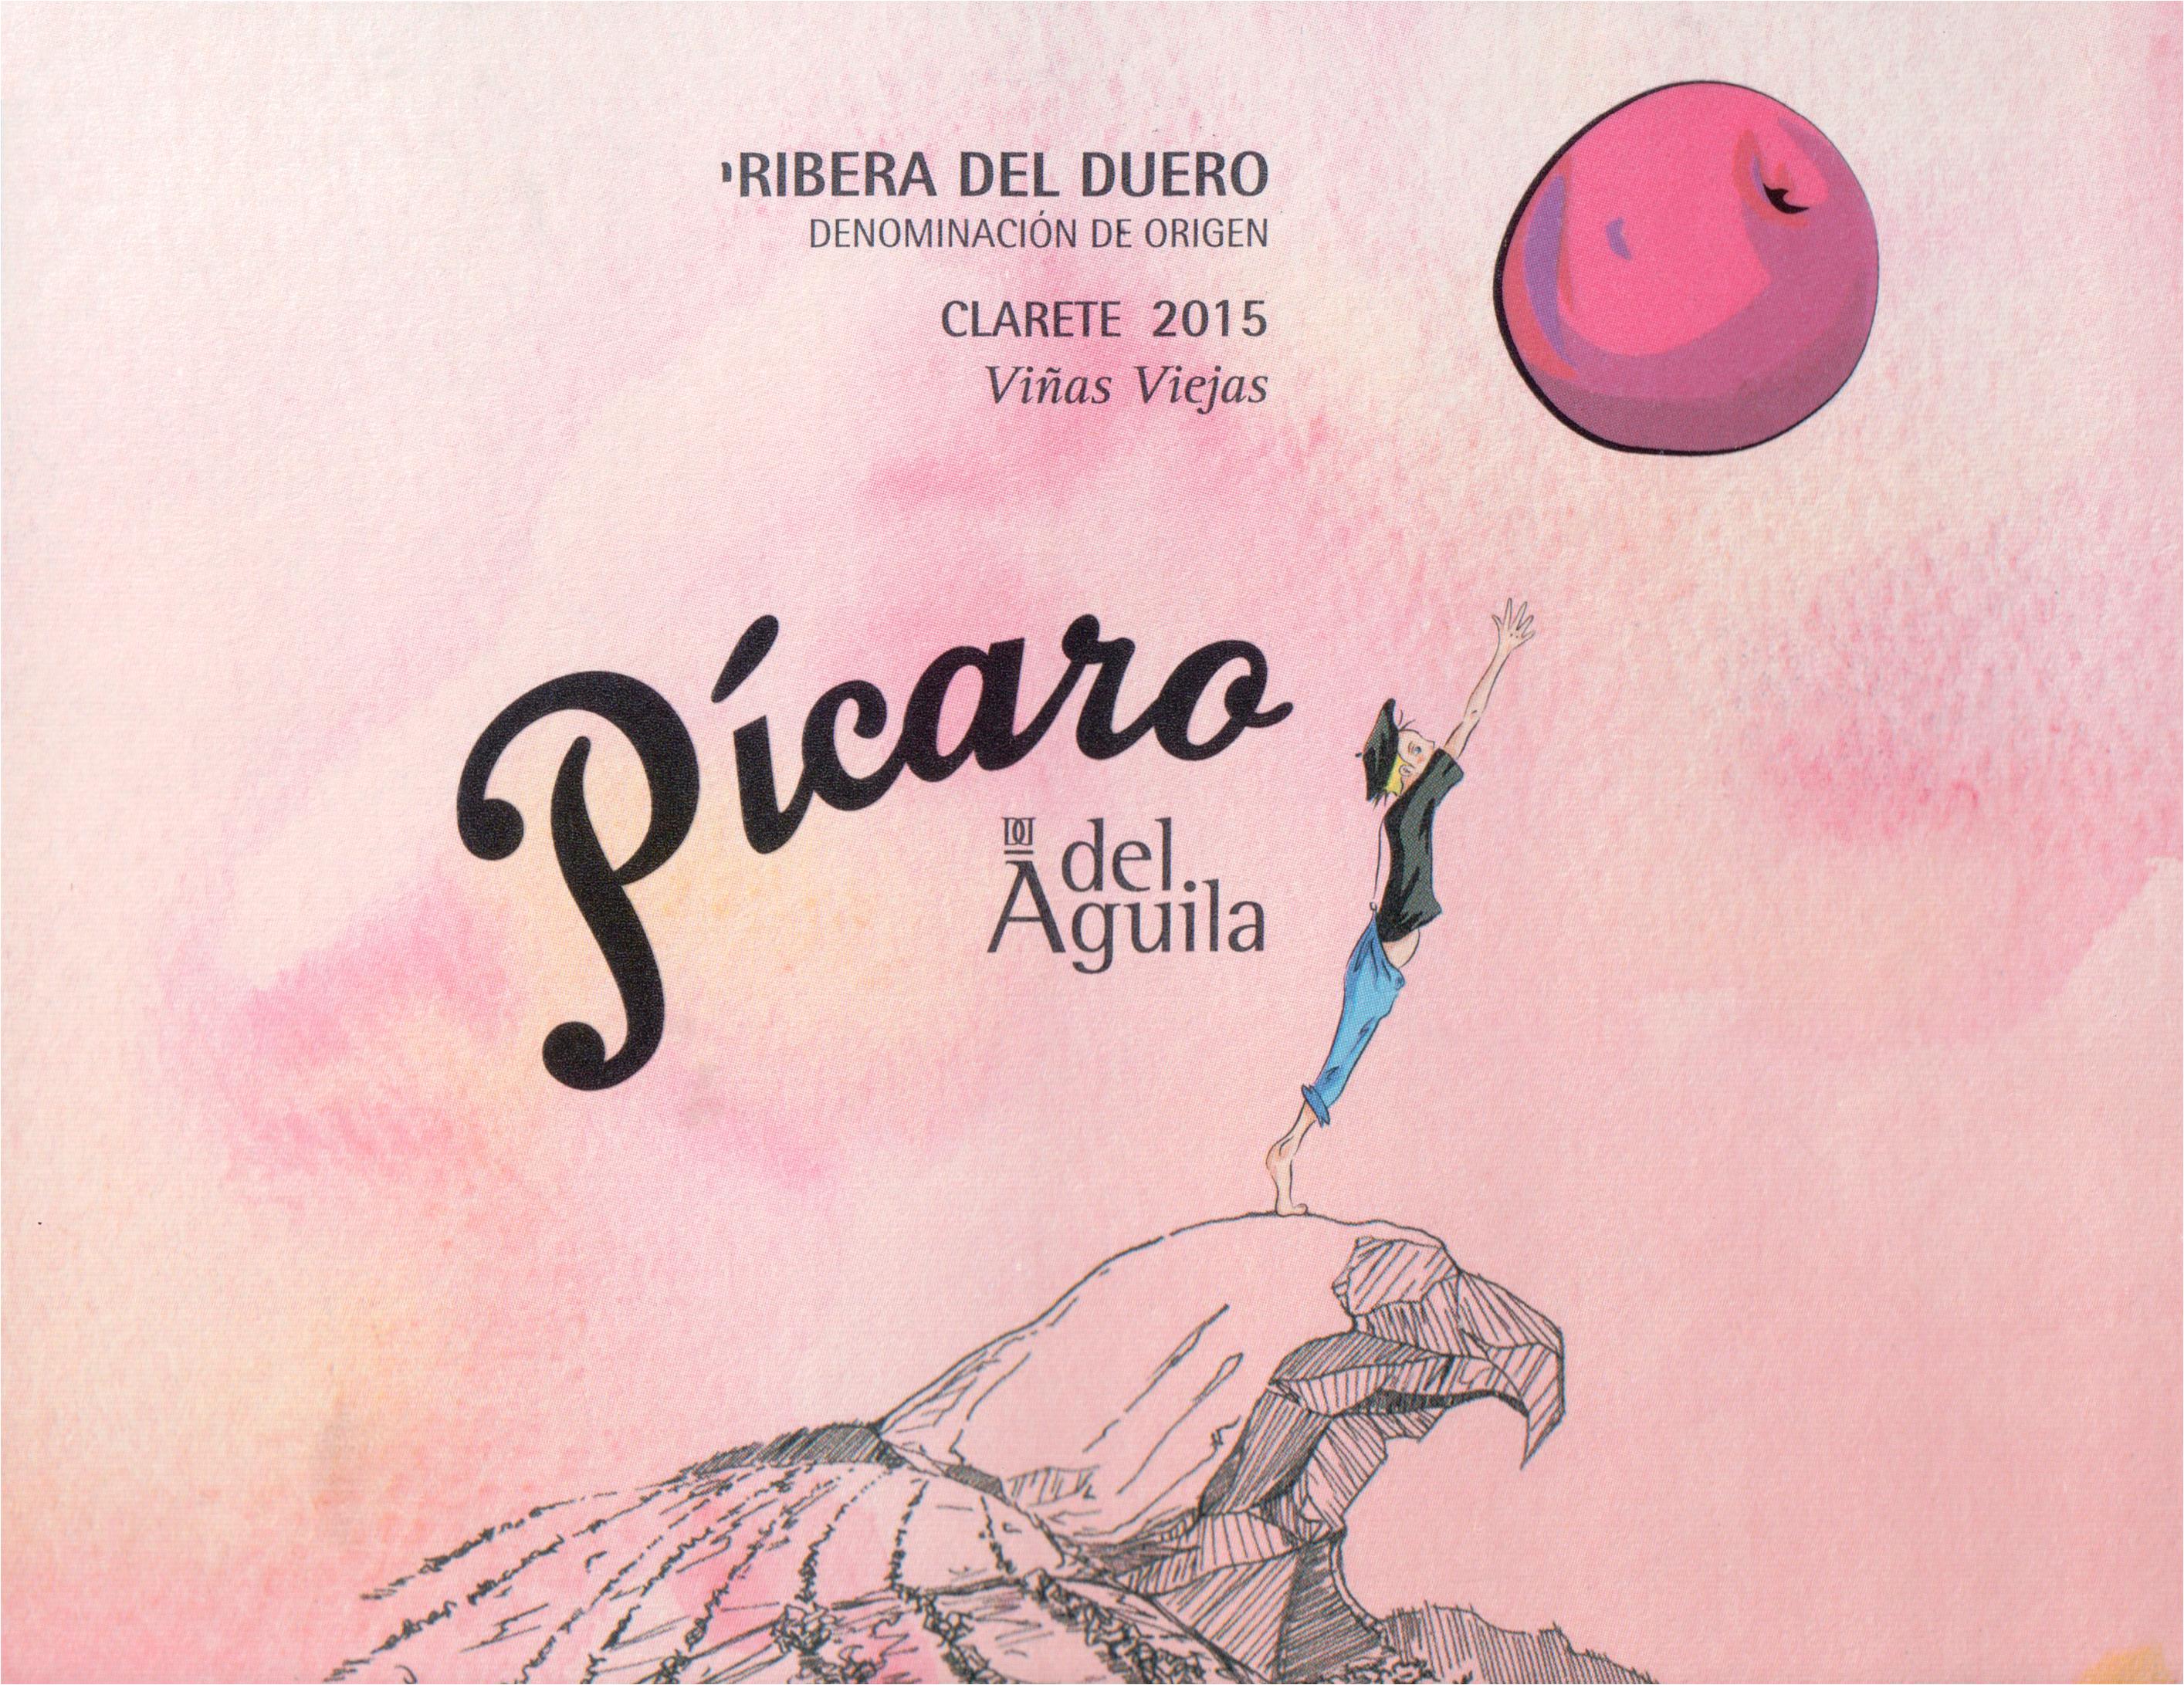 Dominio Del Aguila Picaro Clarete Rosato Ribera Del Duero 2015